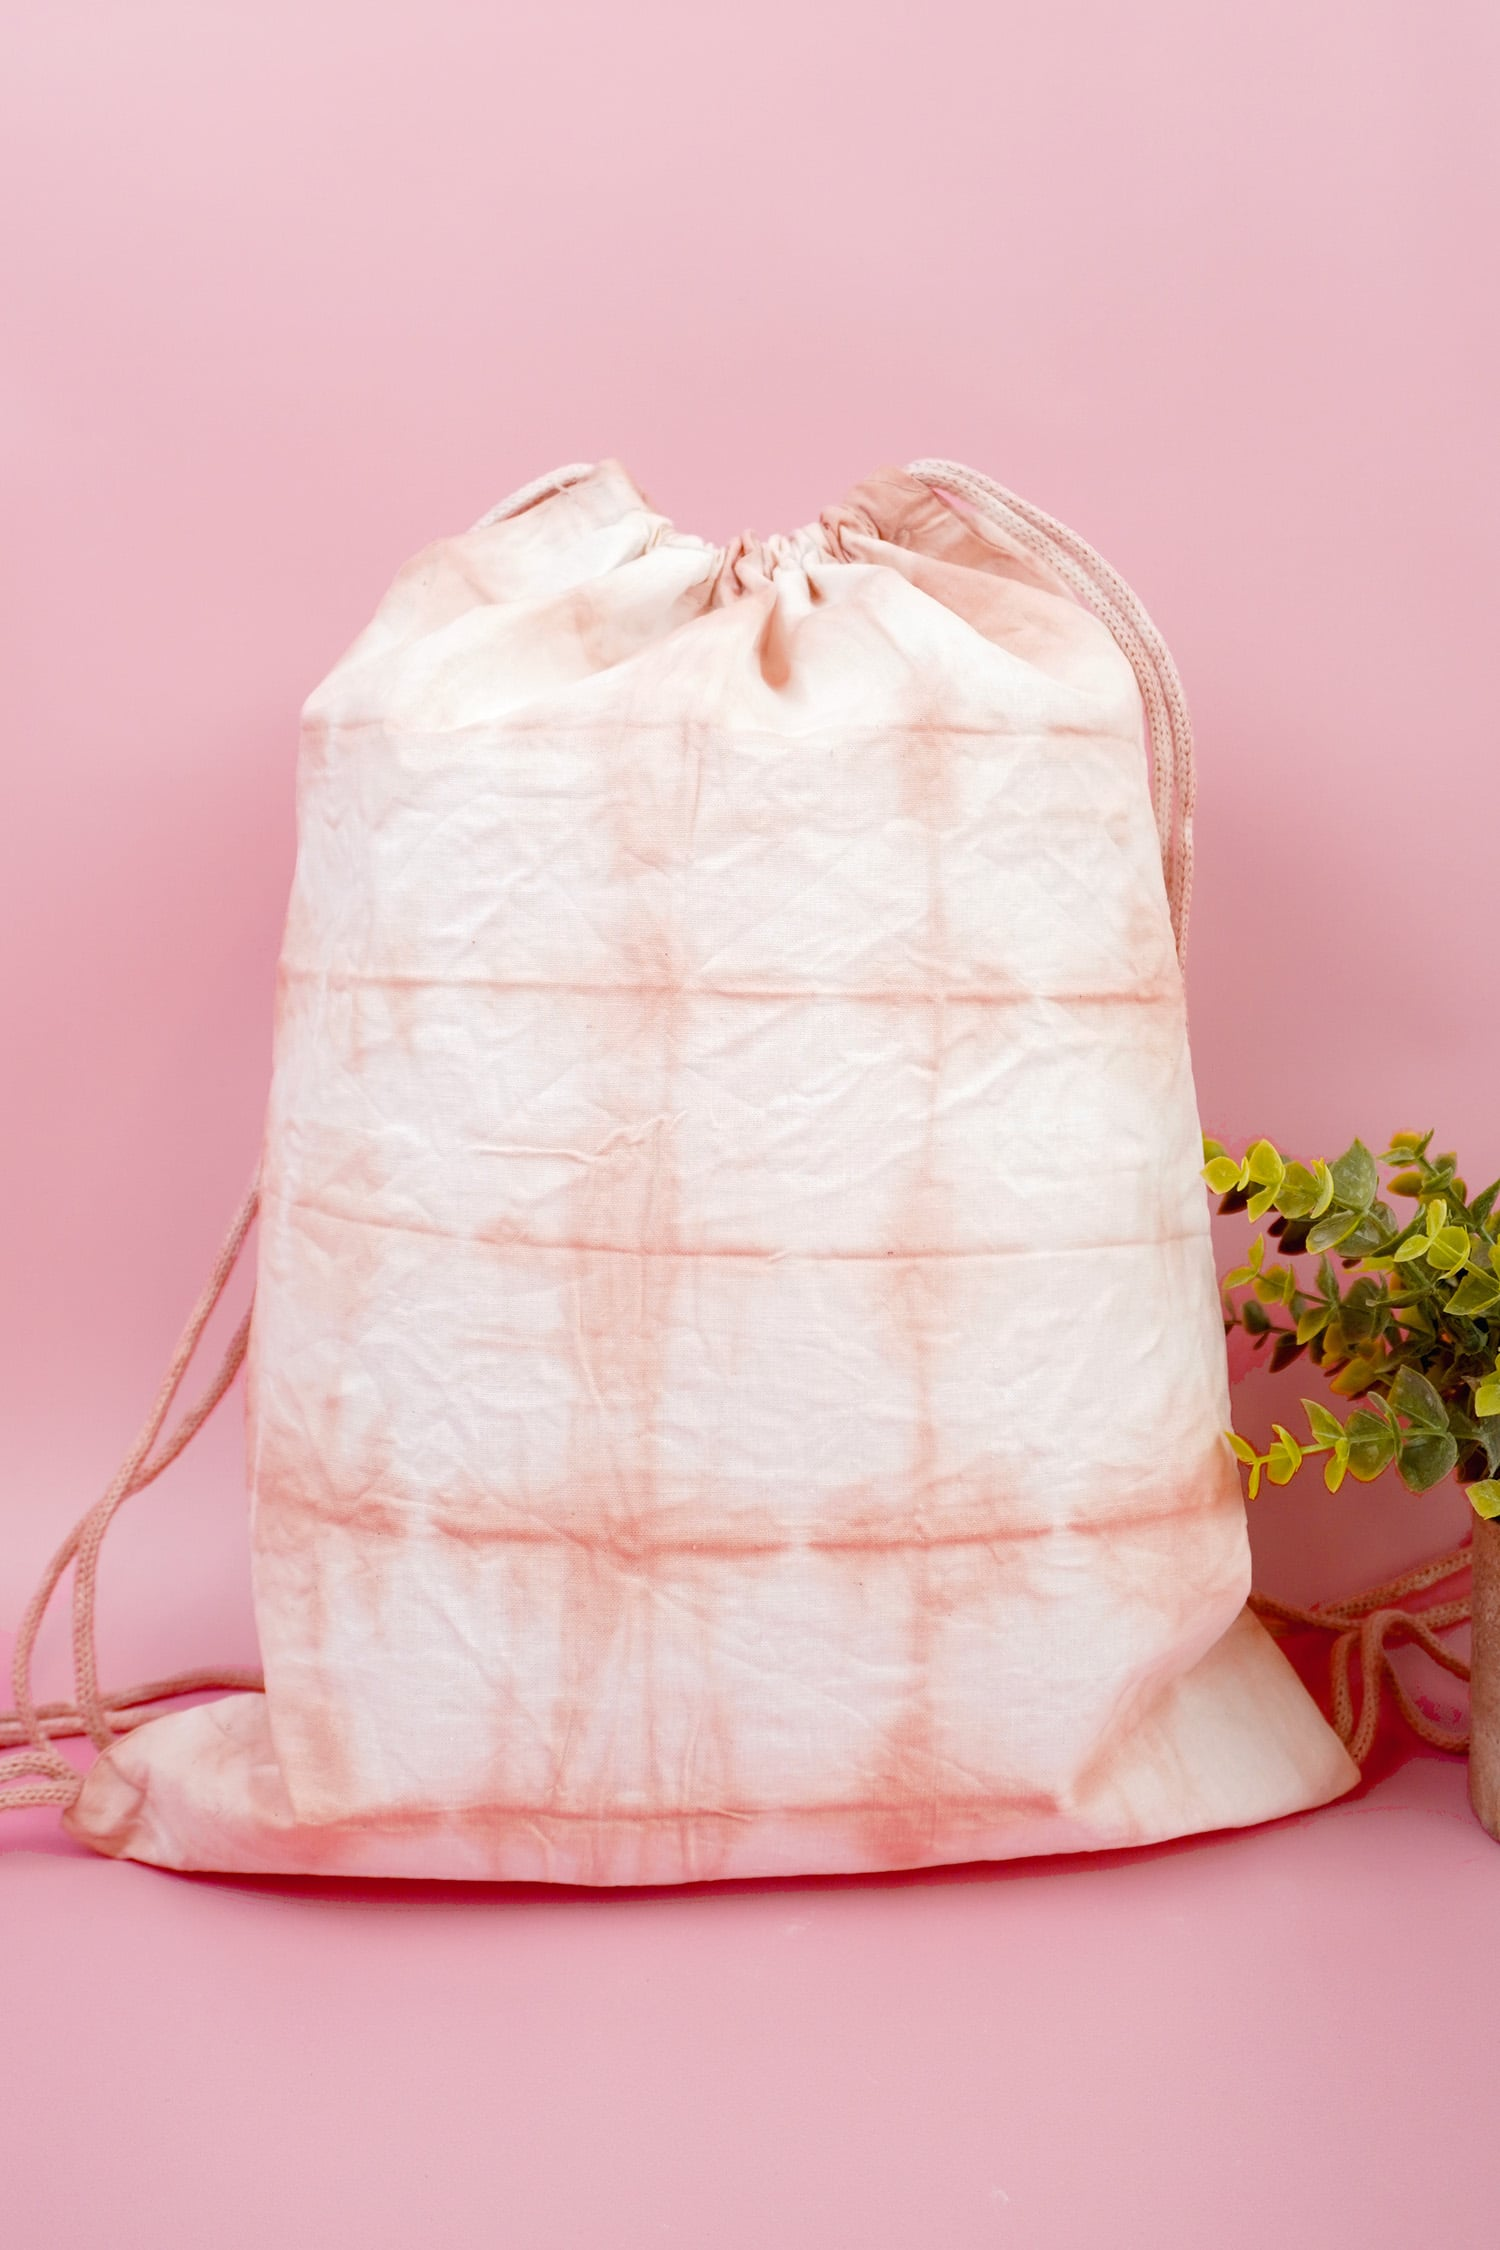 Blush pink Shibori tie-dyed drawstring backpack on pink background